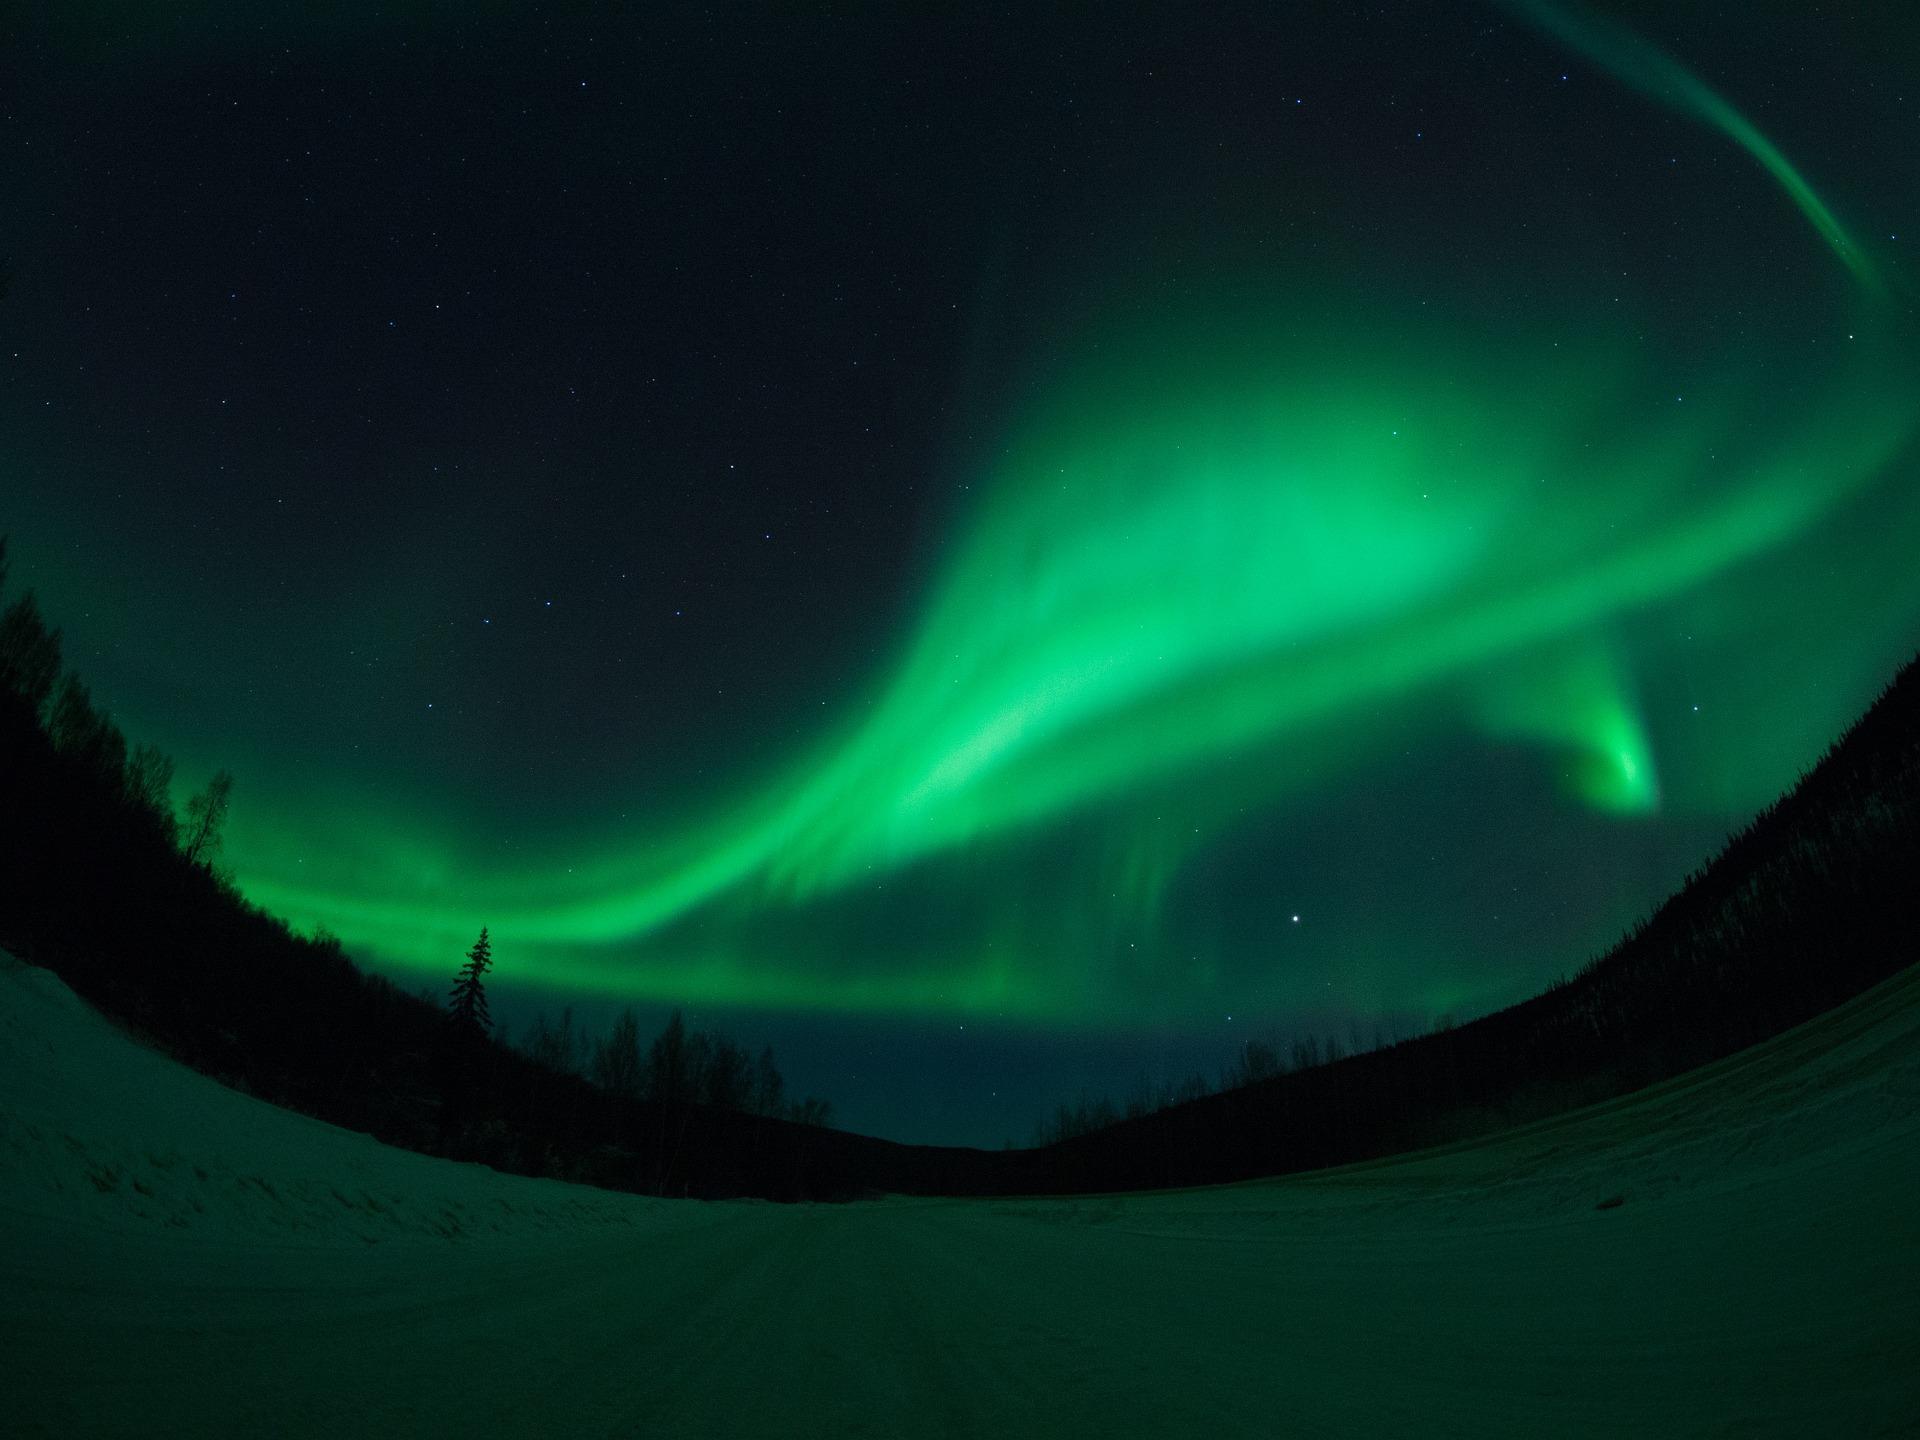 オーロラを求めて! 冬のアラスカ4日間 チェナ温泉滞在コース(スタンダード)